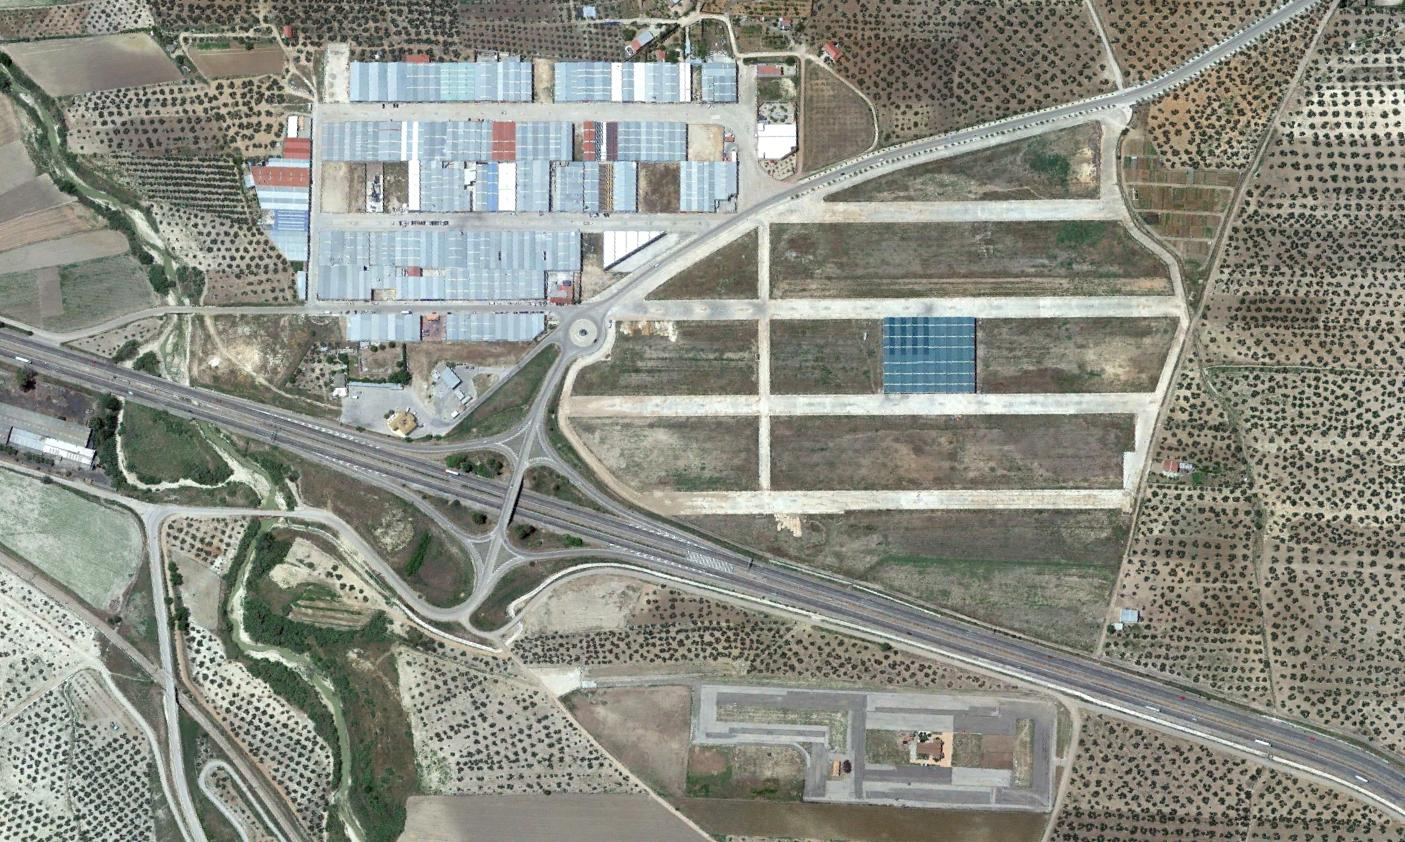 marmolejo, jaén, metamorfejo, después, urbanismo, planeamiento, urbano, desastre, urbanístico, construcción, rotondas, carretera